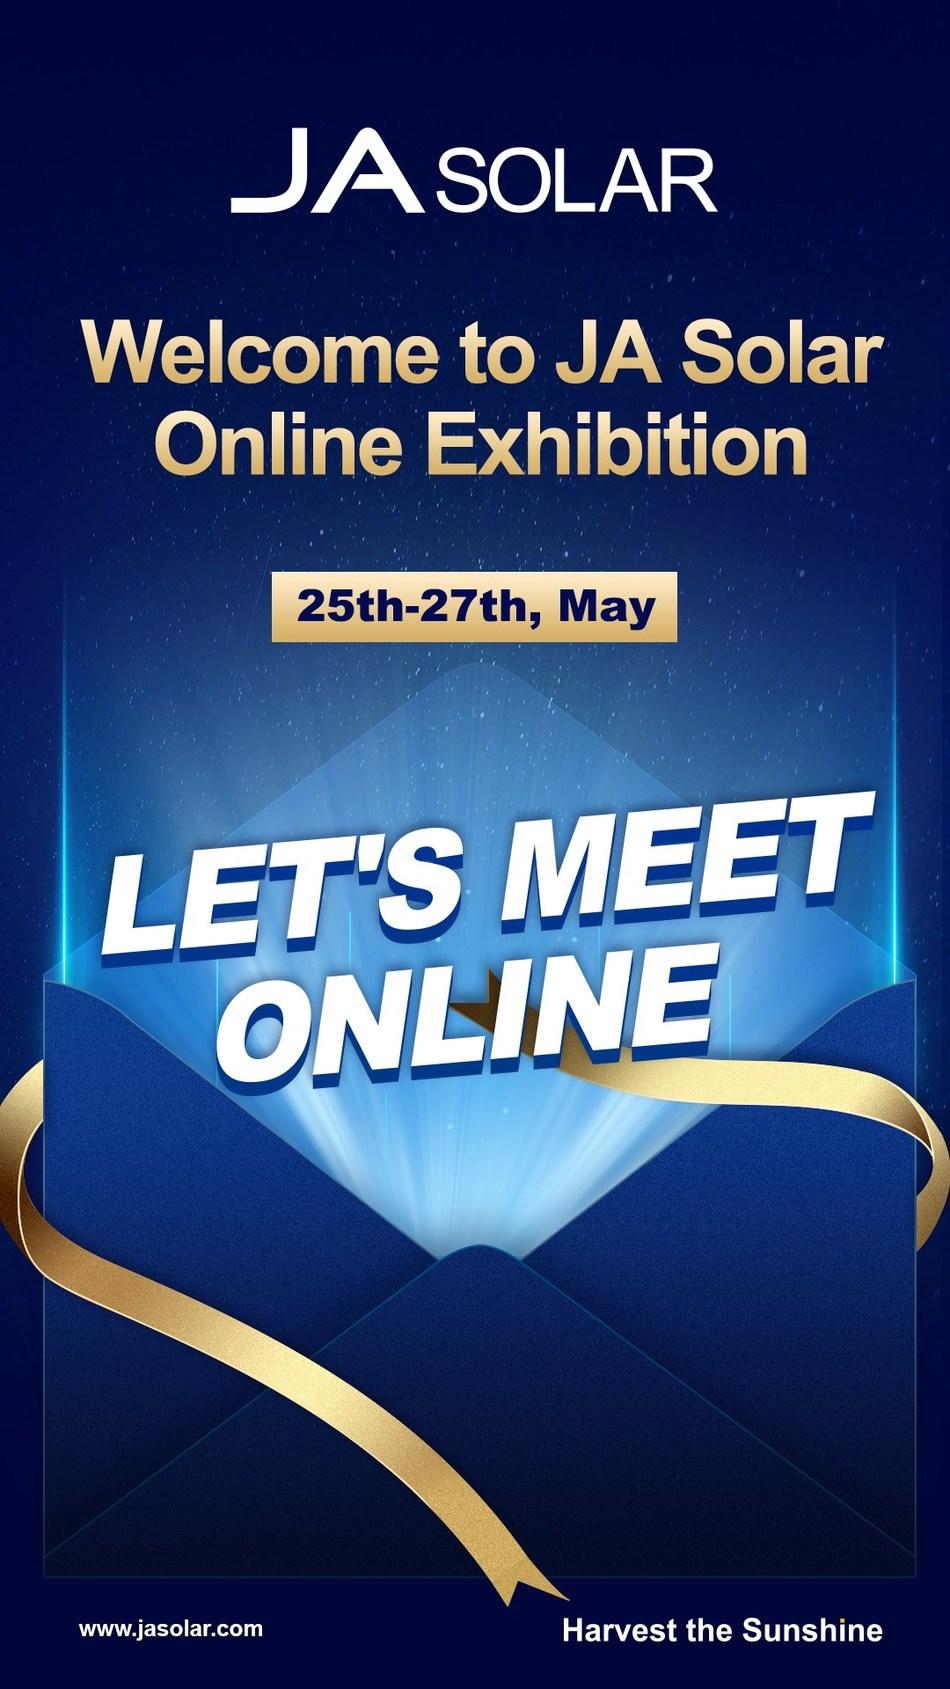 Exposição virtual da JA Solar